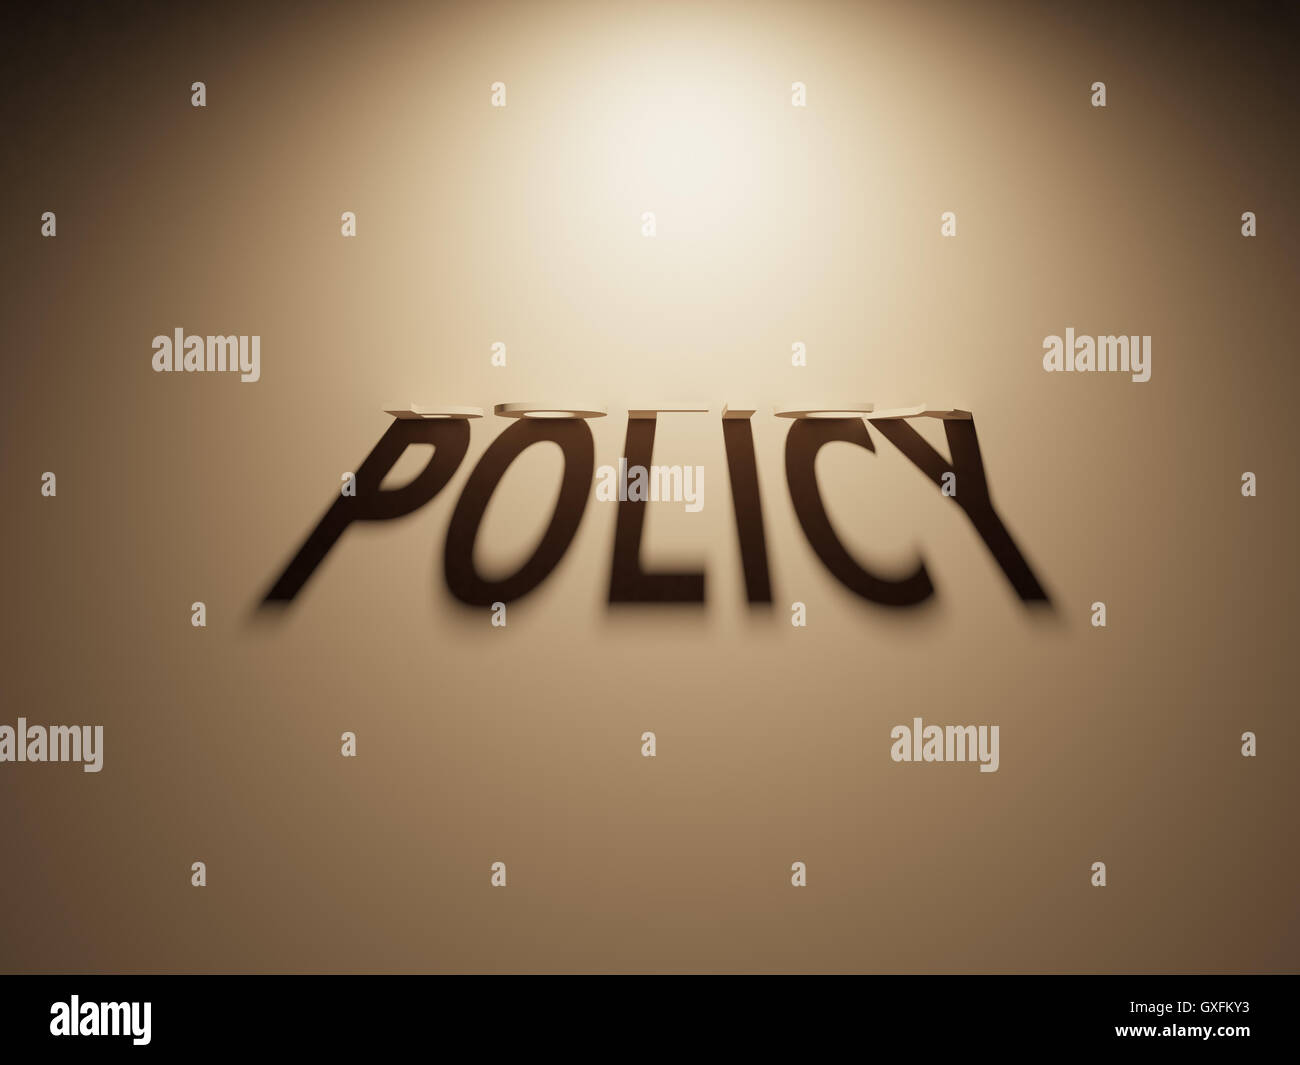 Un rendu 3D de l'ombre d'un texte à l'envers qui lit politique. Photo Stock